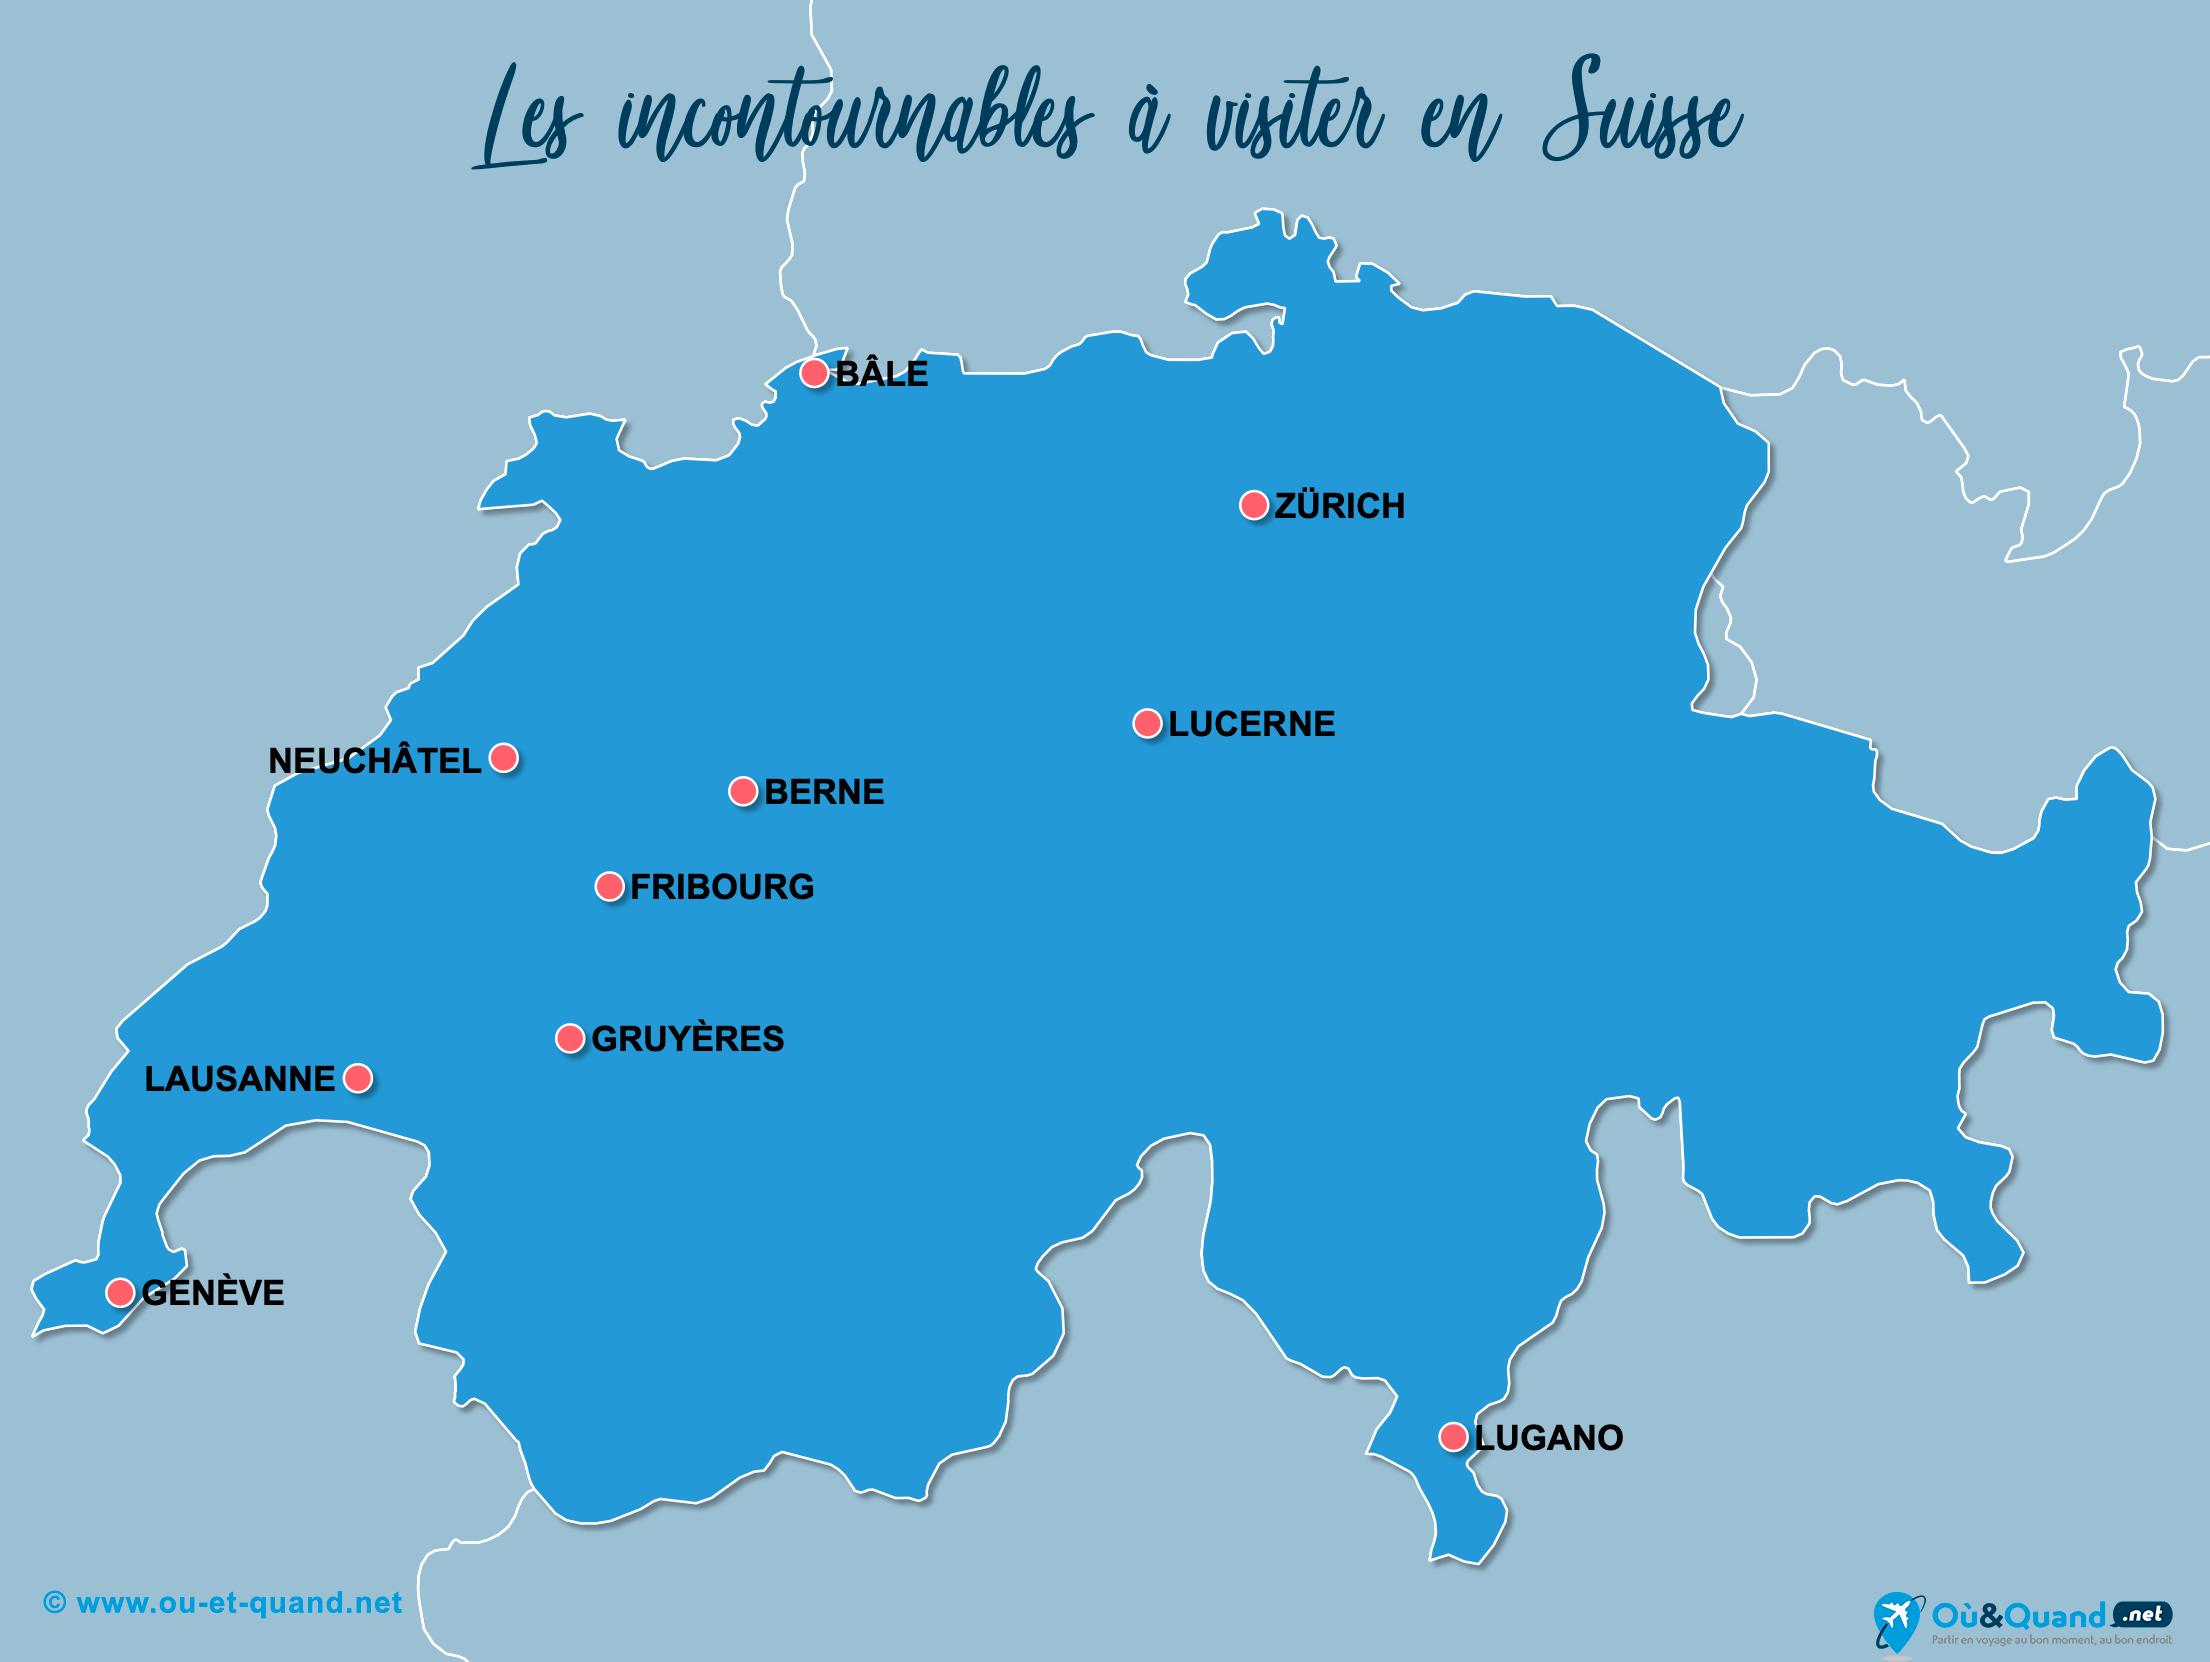 Carte Incontournables Suisse